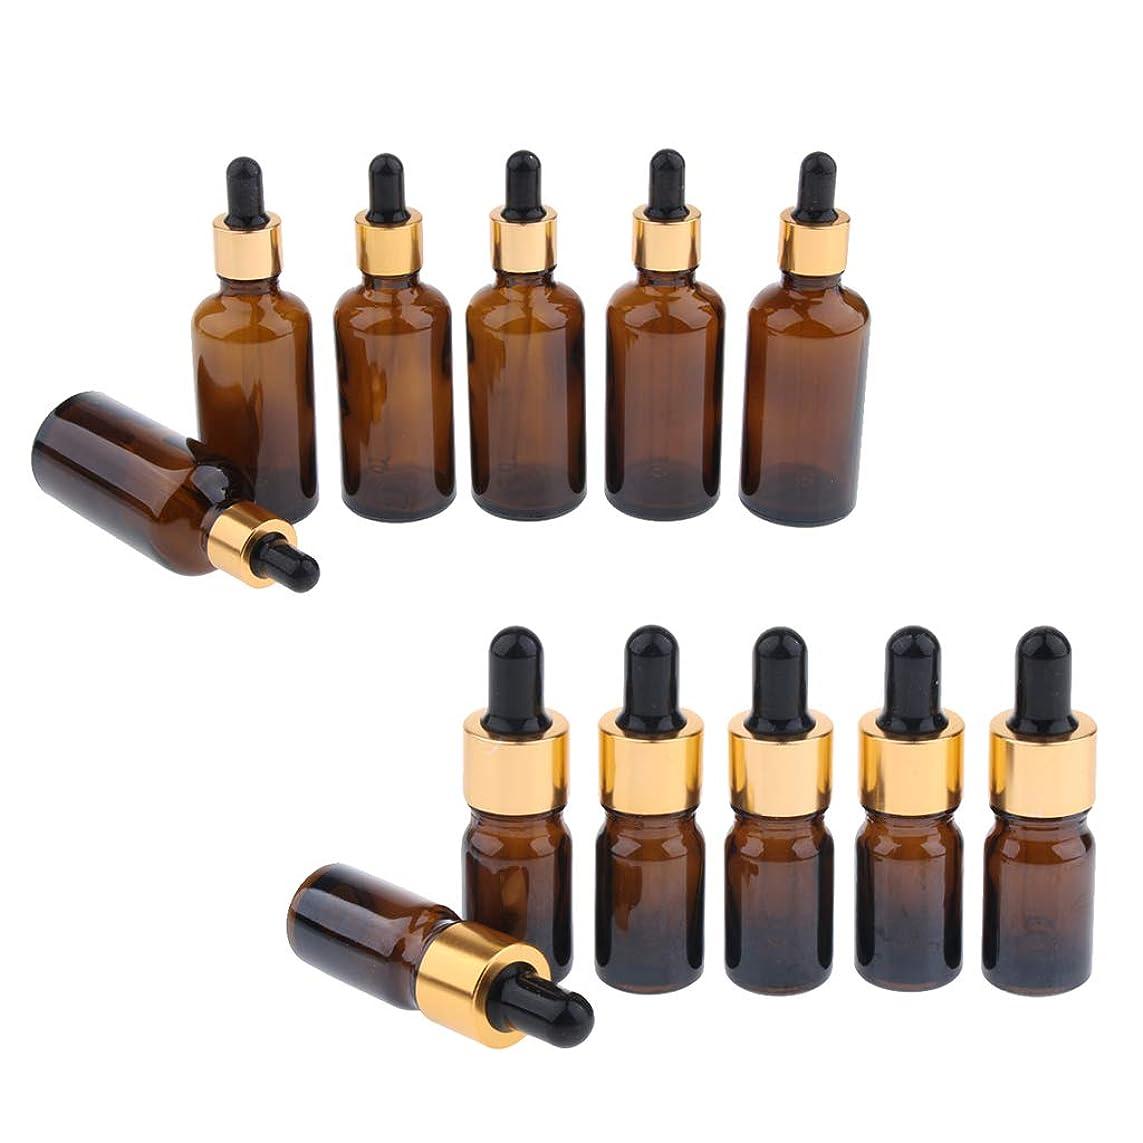 人口一人で緩めるP Prettyia ドロッパーボトル エッセンシャルオイル 化粧品 液体 ガラス瓶 詰め替え可 スポイトボトル 12個入